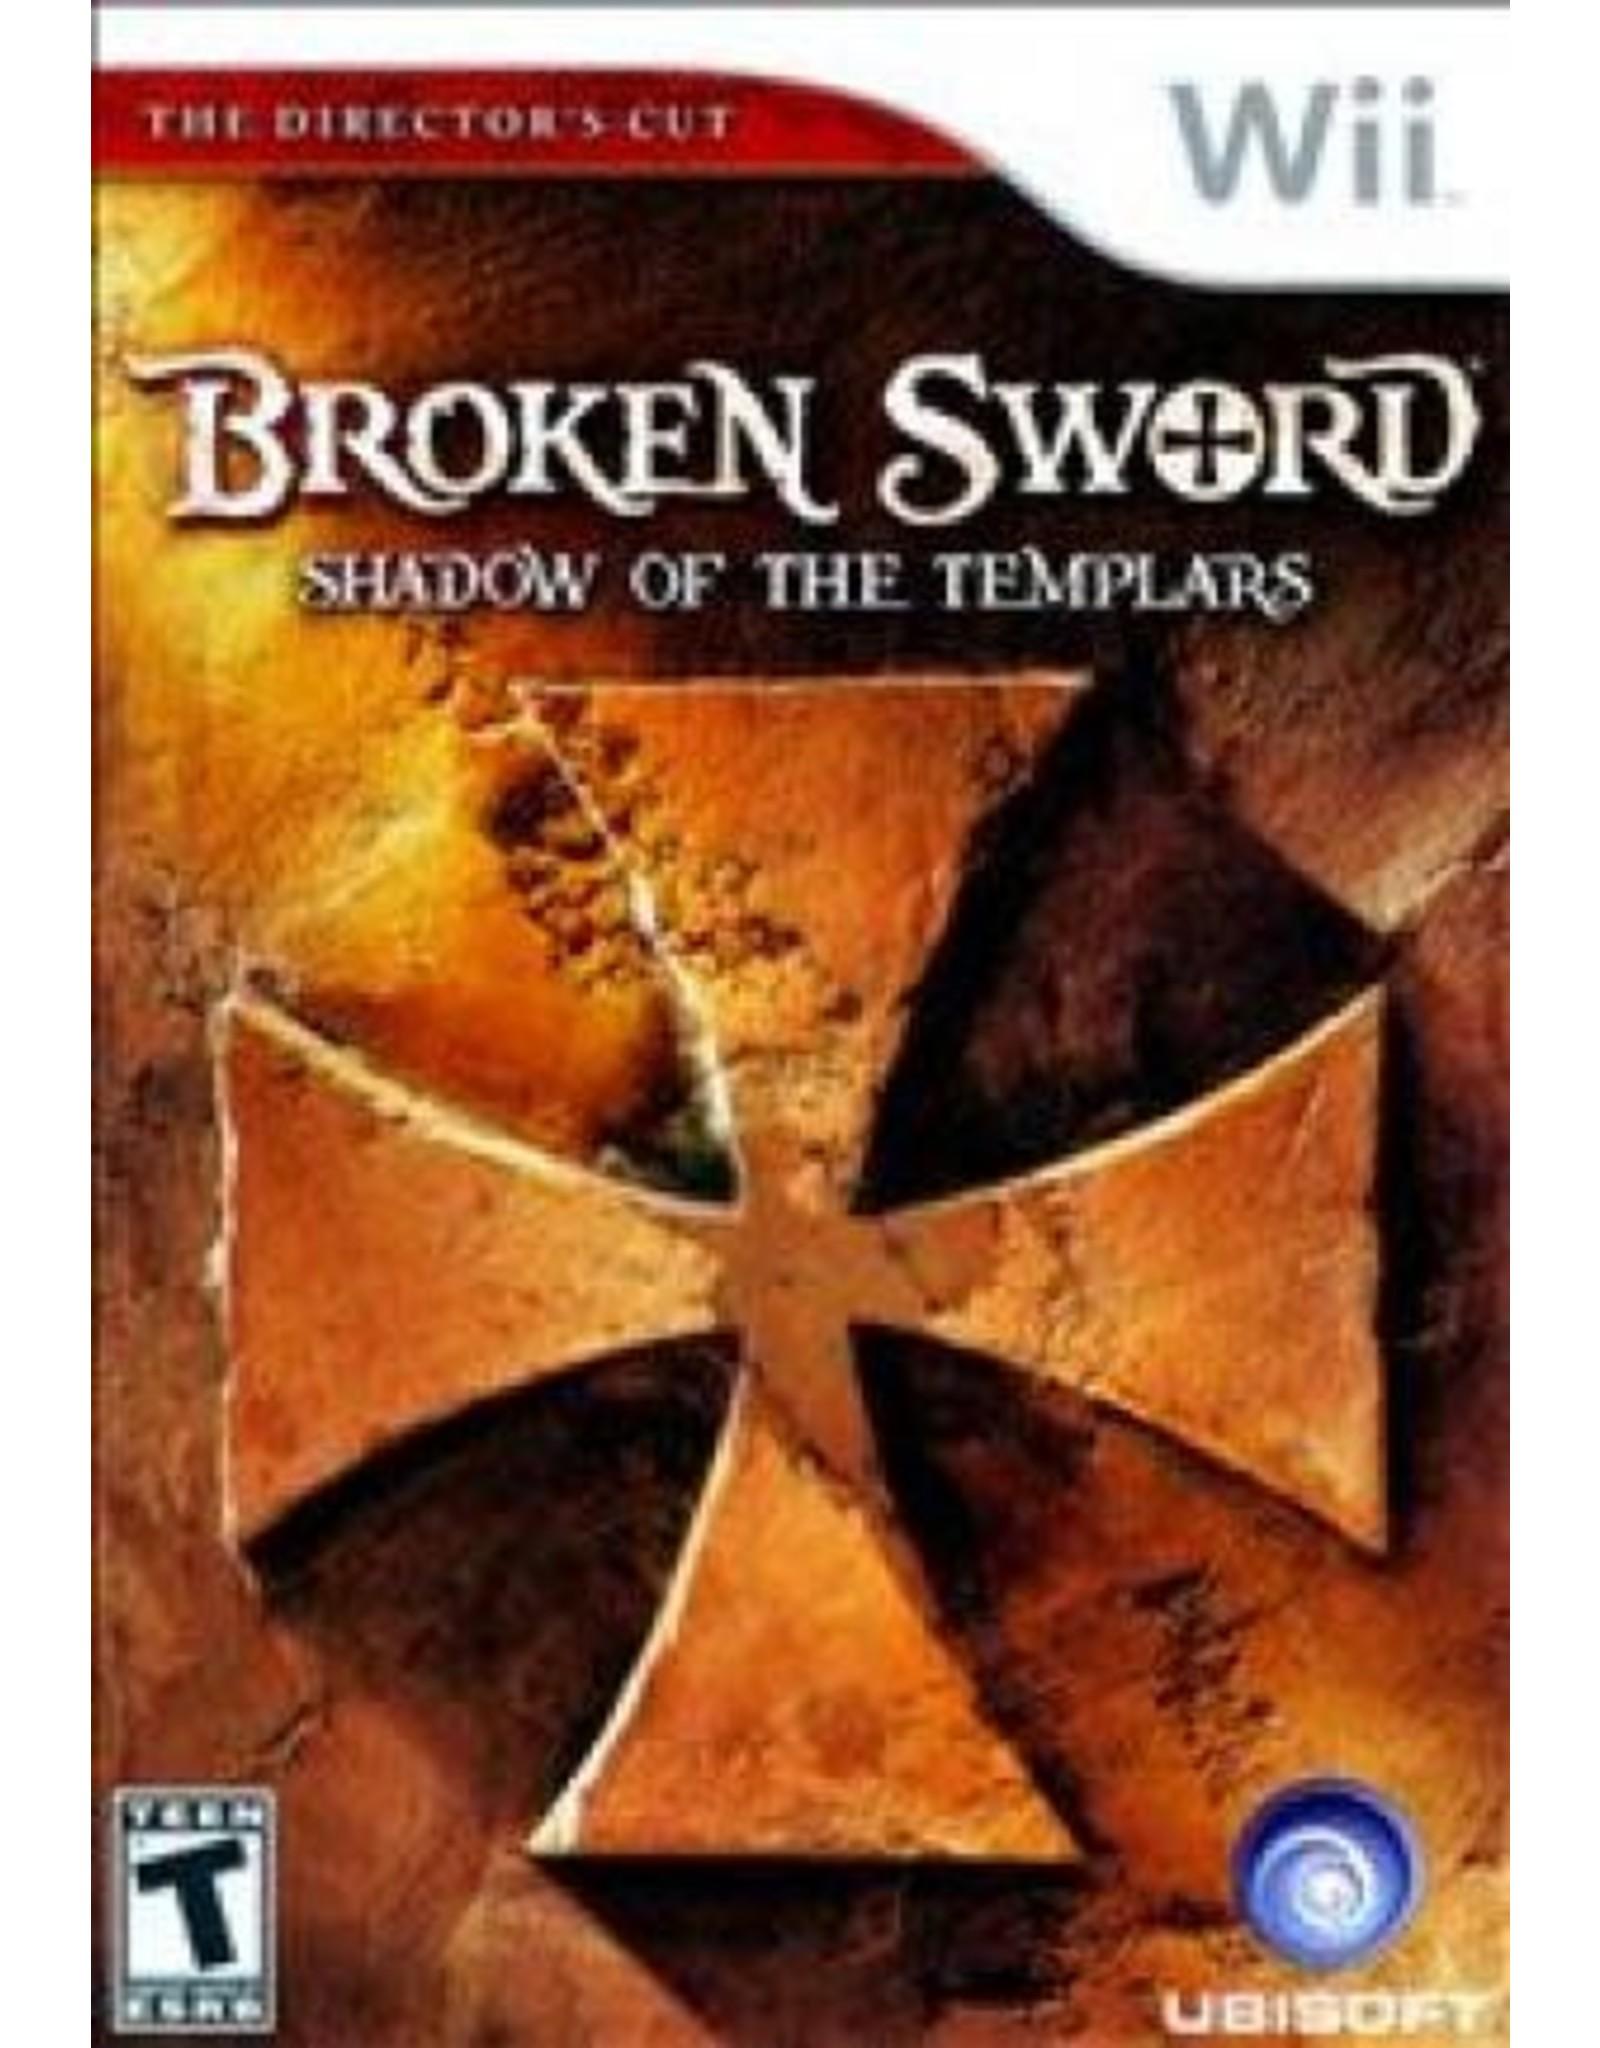 Wii Broken Sword The Shadow of the Templars (CiB)